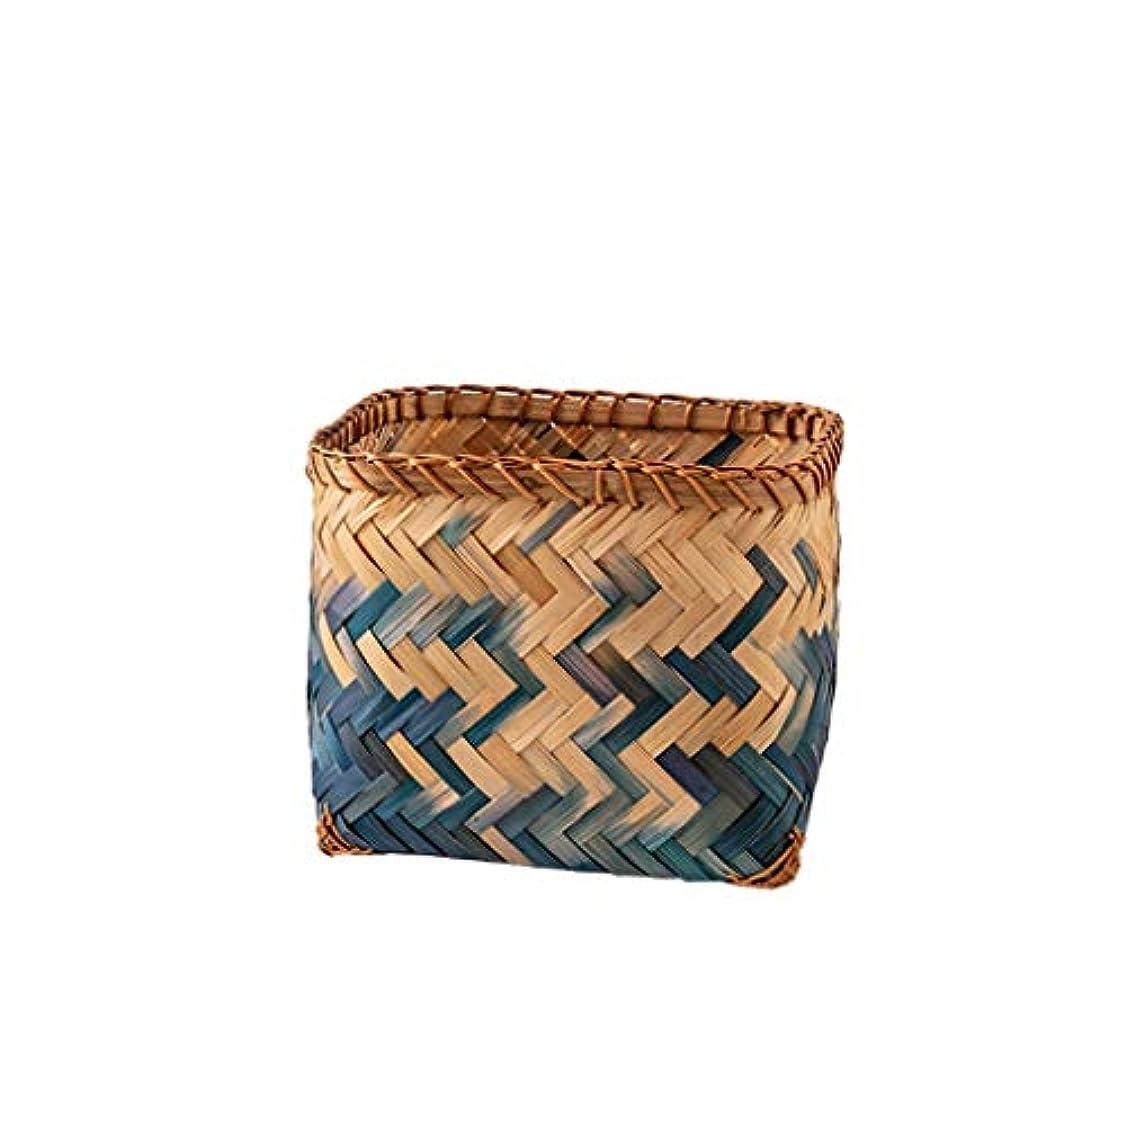 ラベンダー百年山積みのQYSZYG 手作りの竹製バスケット、手織り、がれき、グラデーションを入れることができます 収納バスケット (サイズ さいず : C)